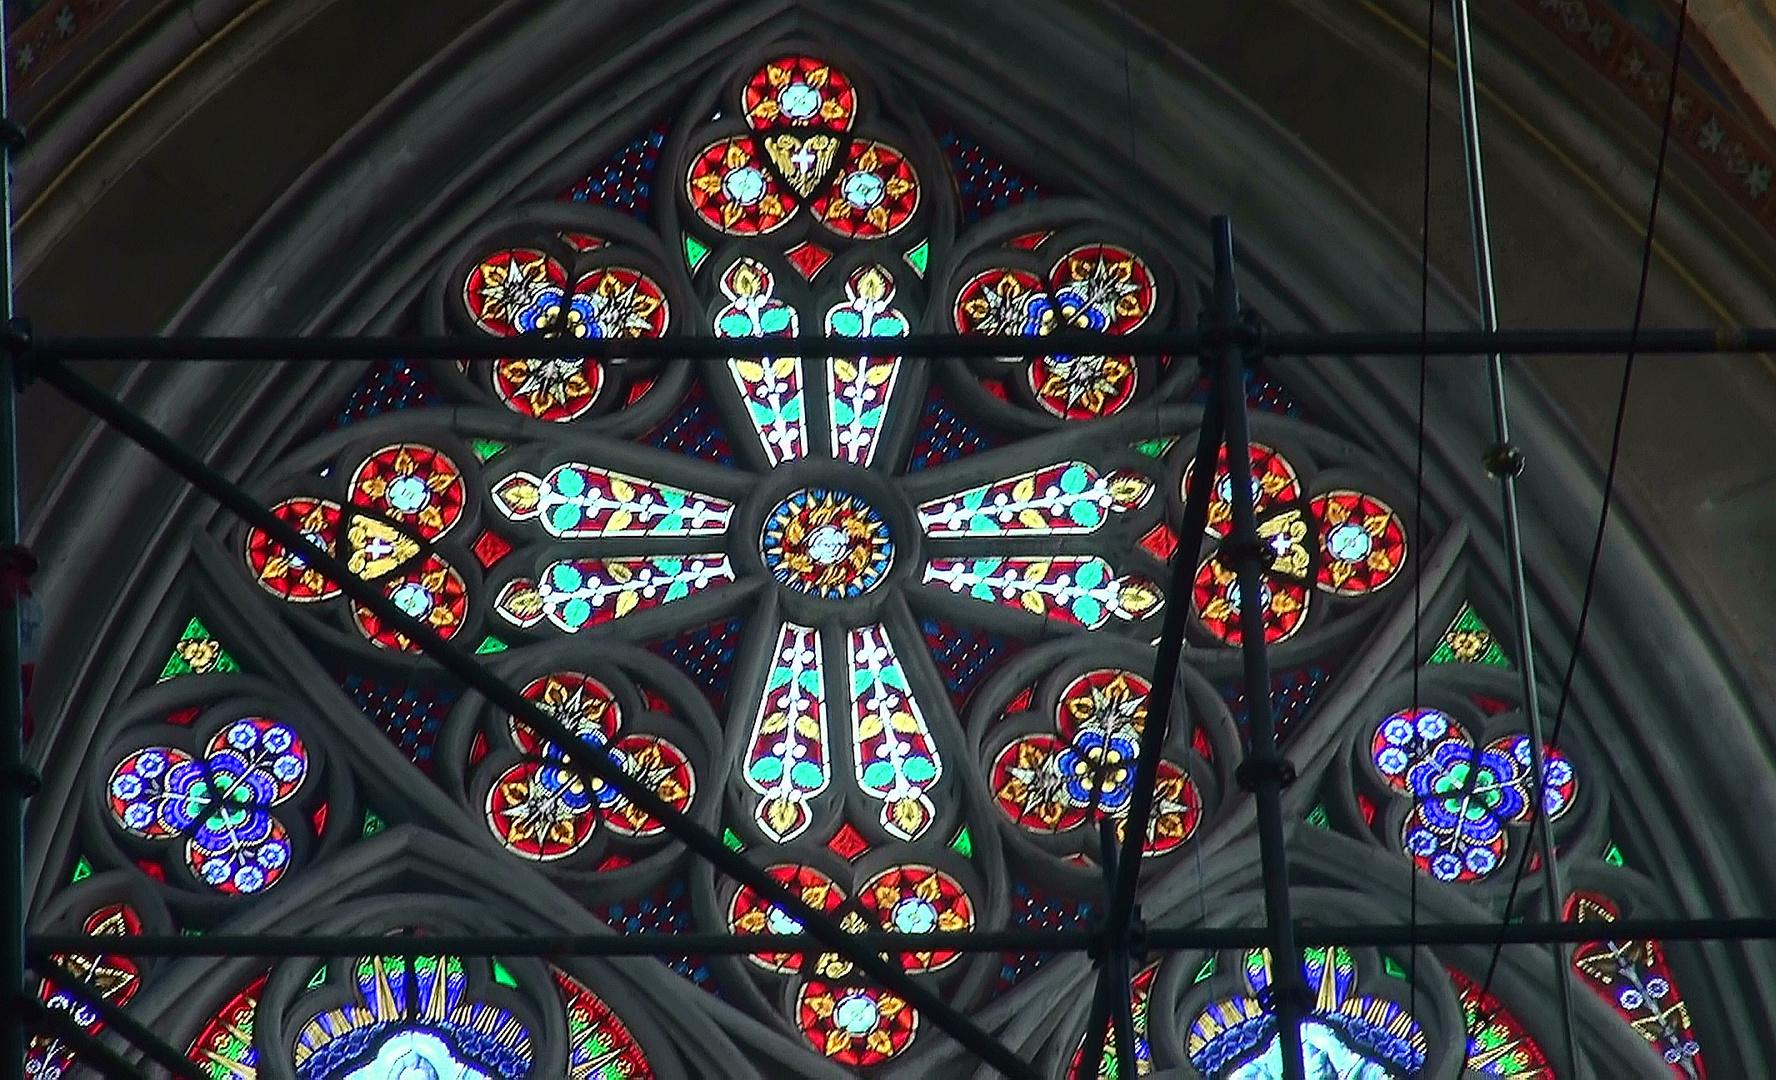 Kirchenfenster Wien